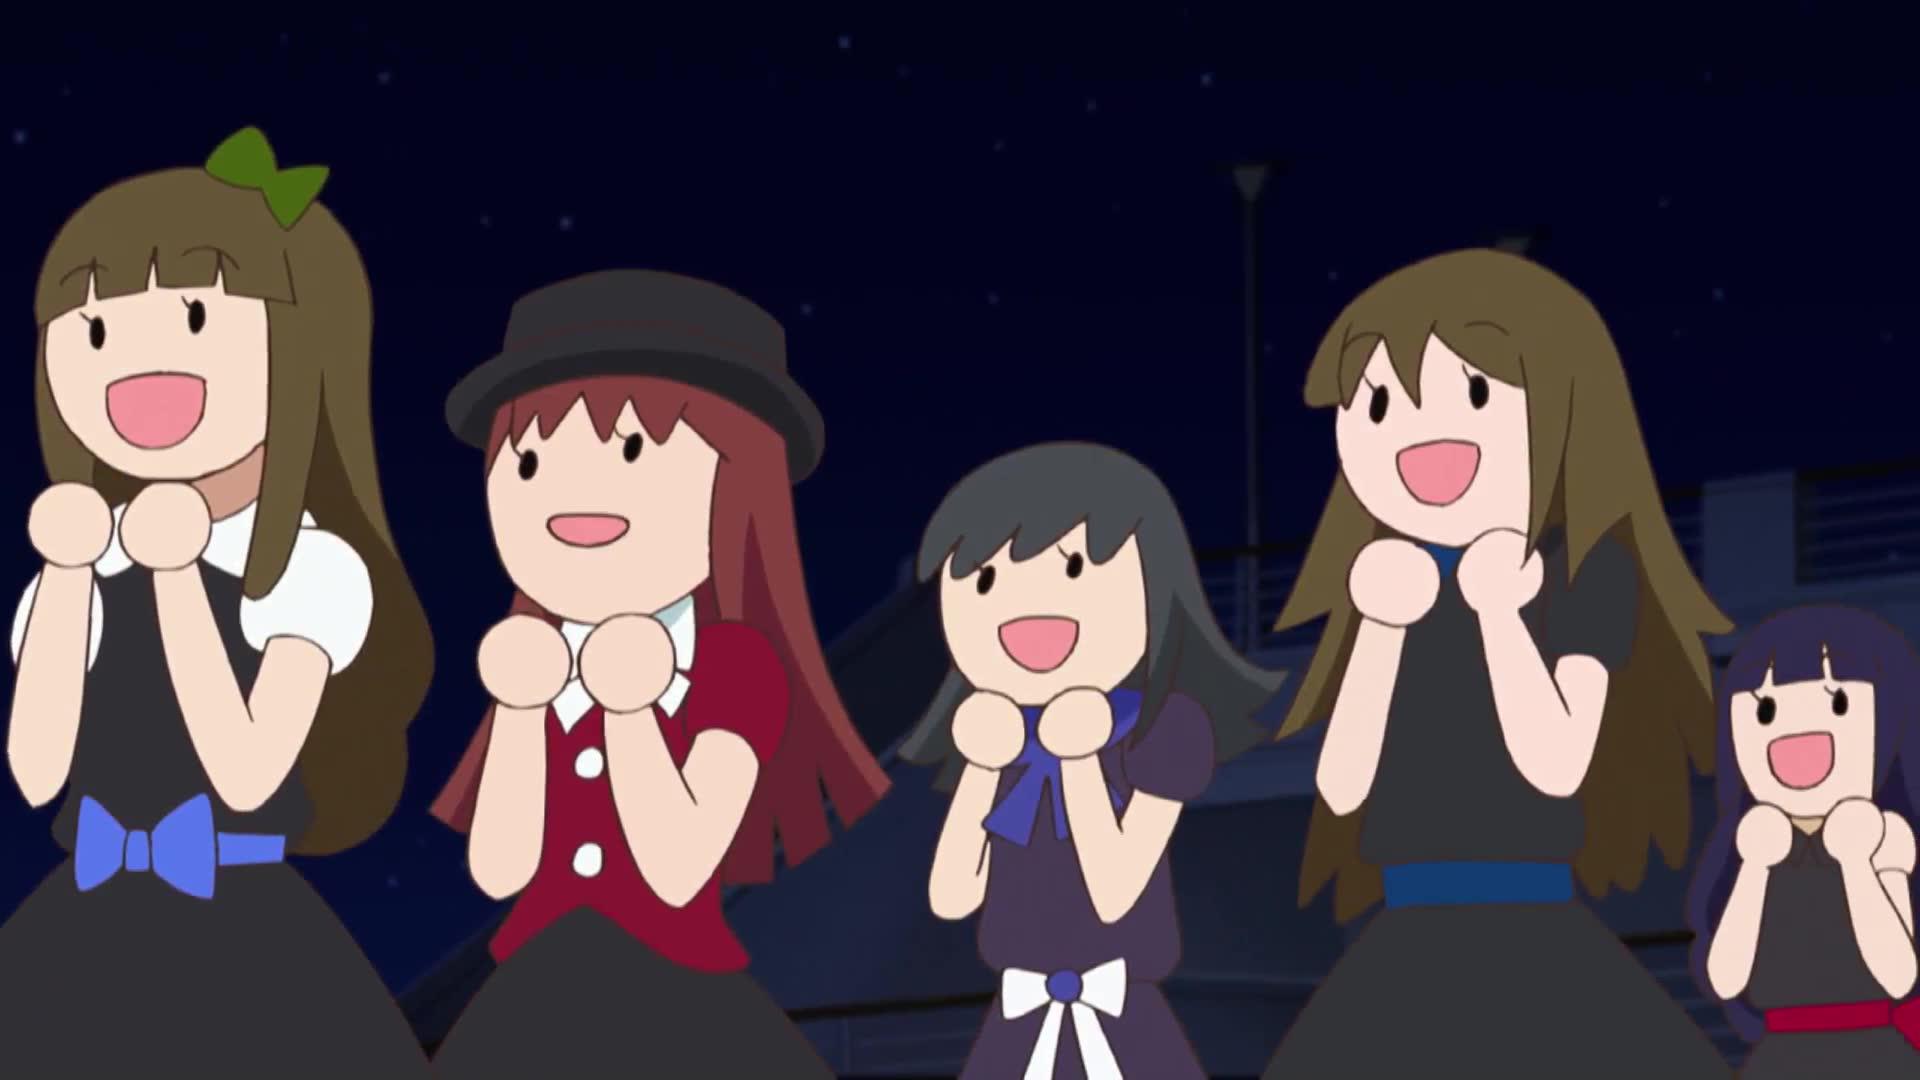 18화 서머 크루즈 페스티벌에서 프리☆채널